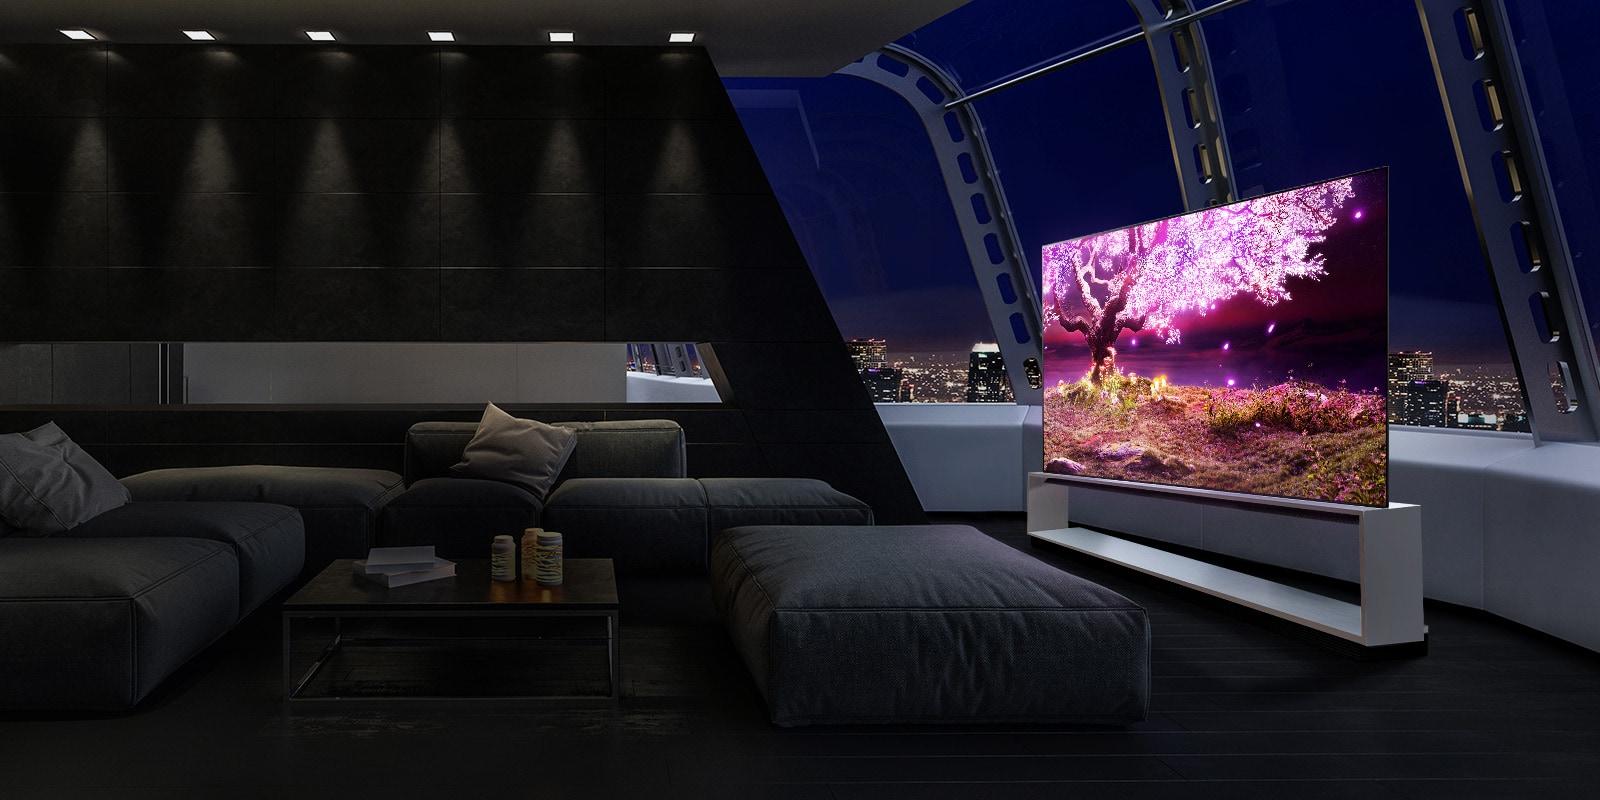 TV hiển thị cây phát ra ánh sáng màu tím trong khung cảnh ngôi nhà sang trọng